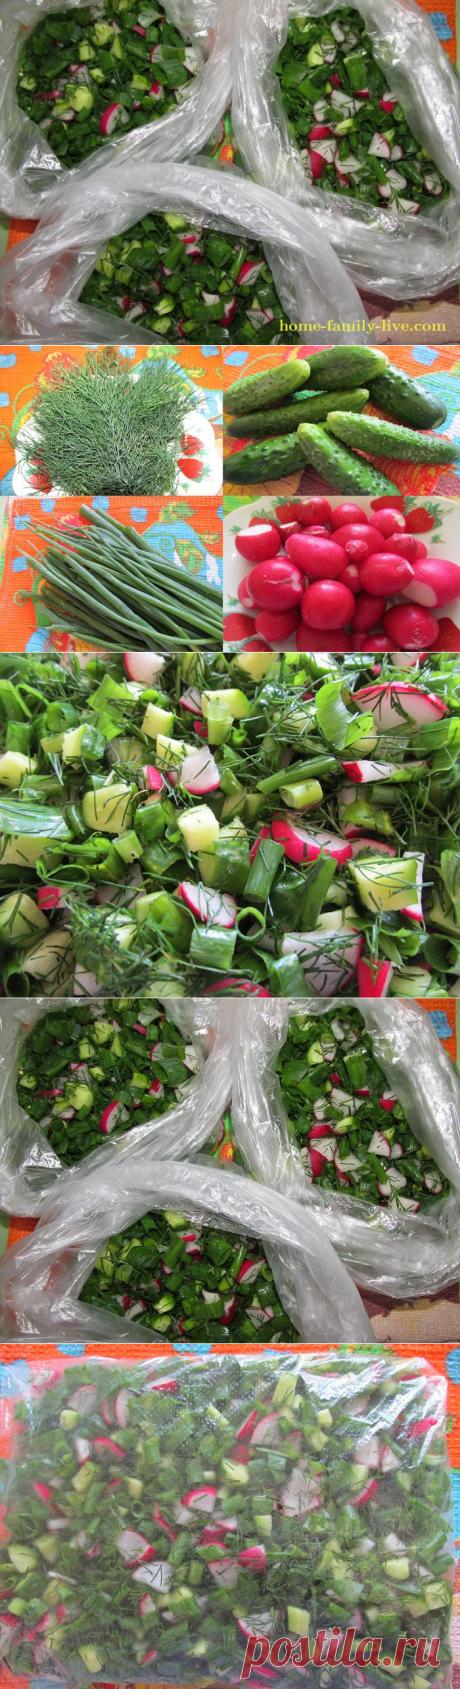 Окрошка на зиму/Сайт с пошаговыми рецептами с фото для тех кто любит готовить